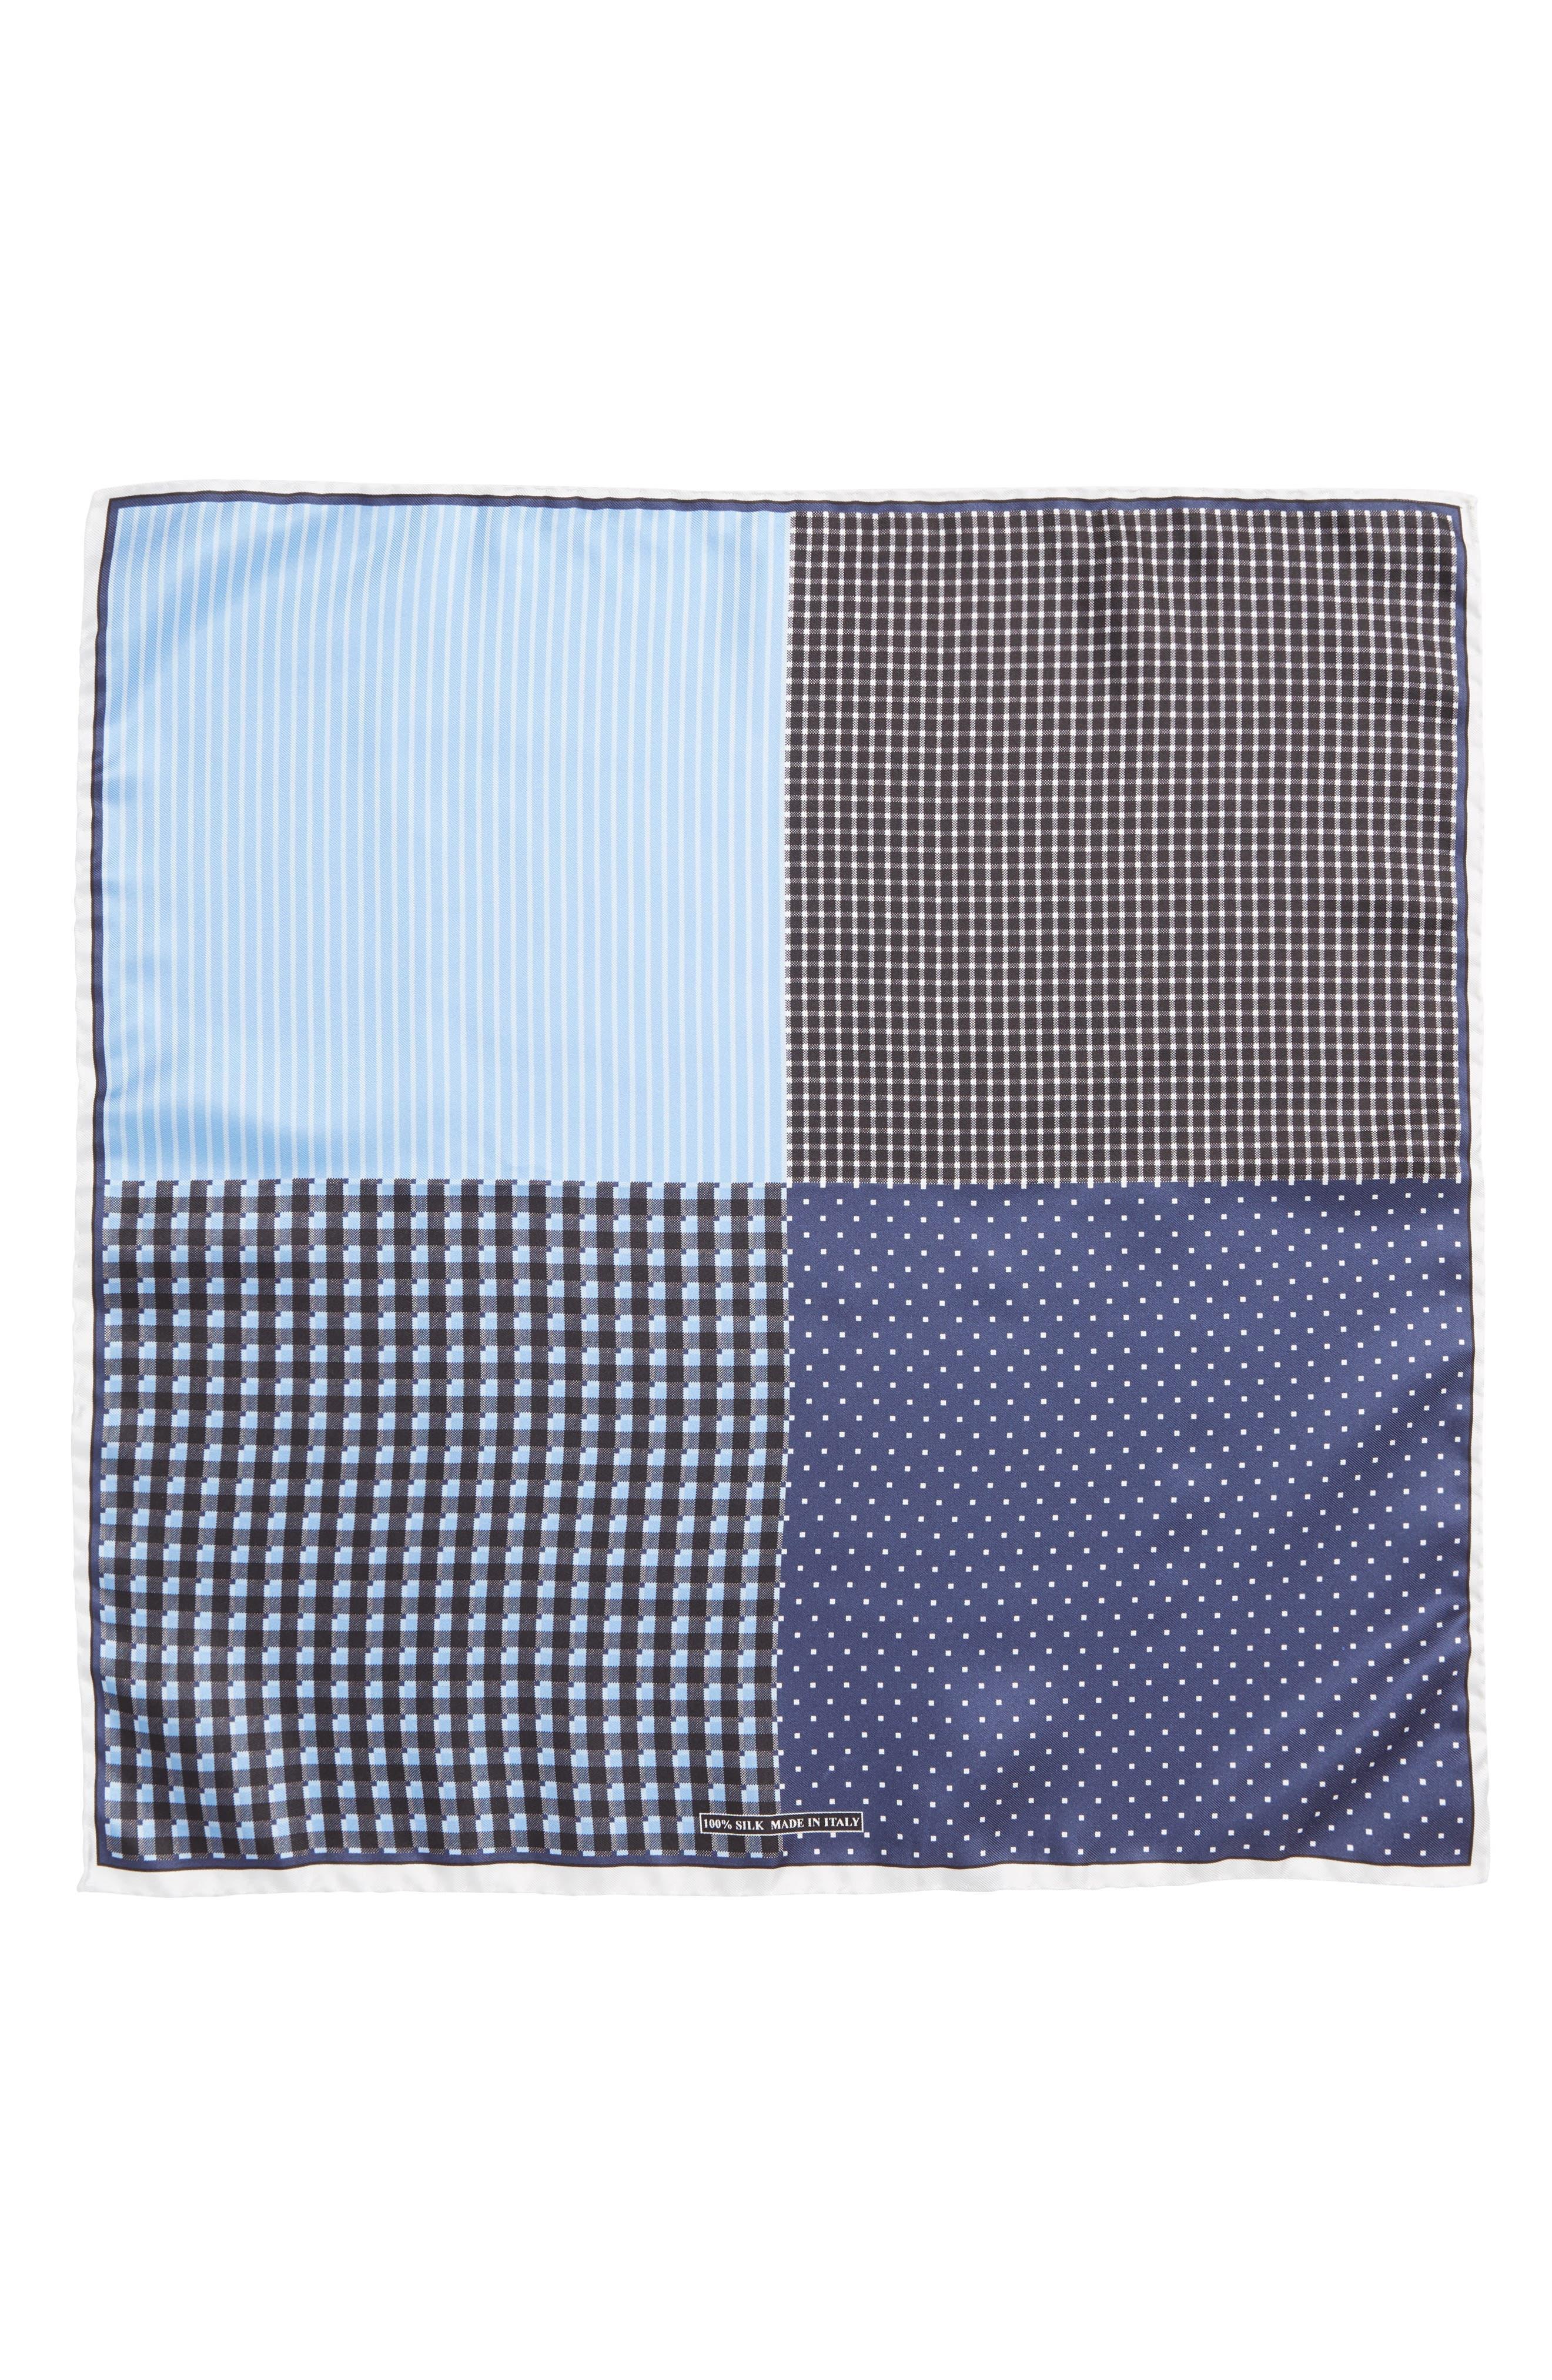 Four Panel Silk Pocket Square,                             Alternate thumbnail 2, color,                             BLACK/ BLUE